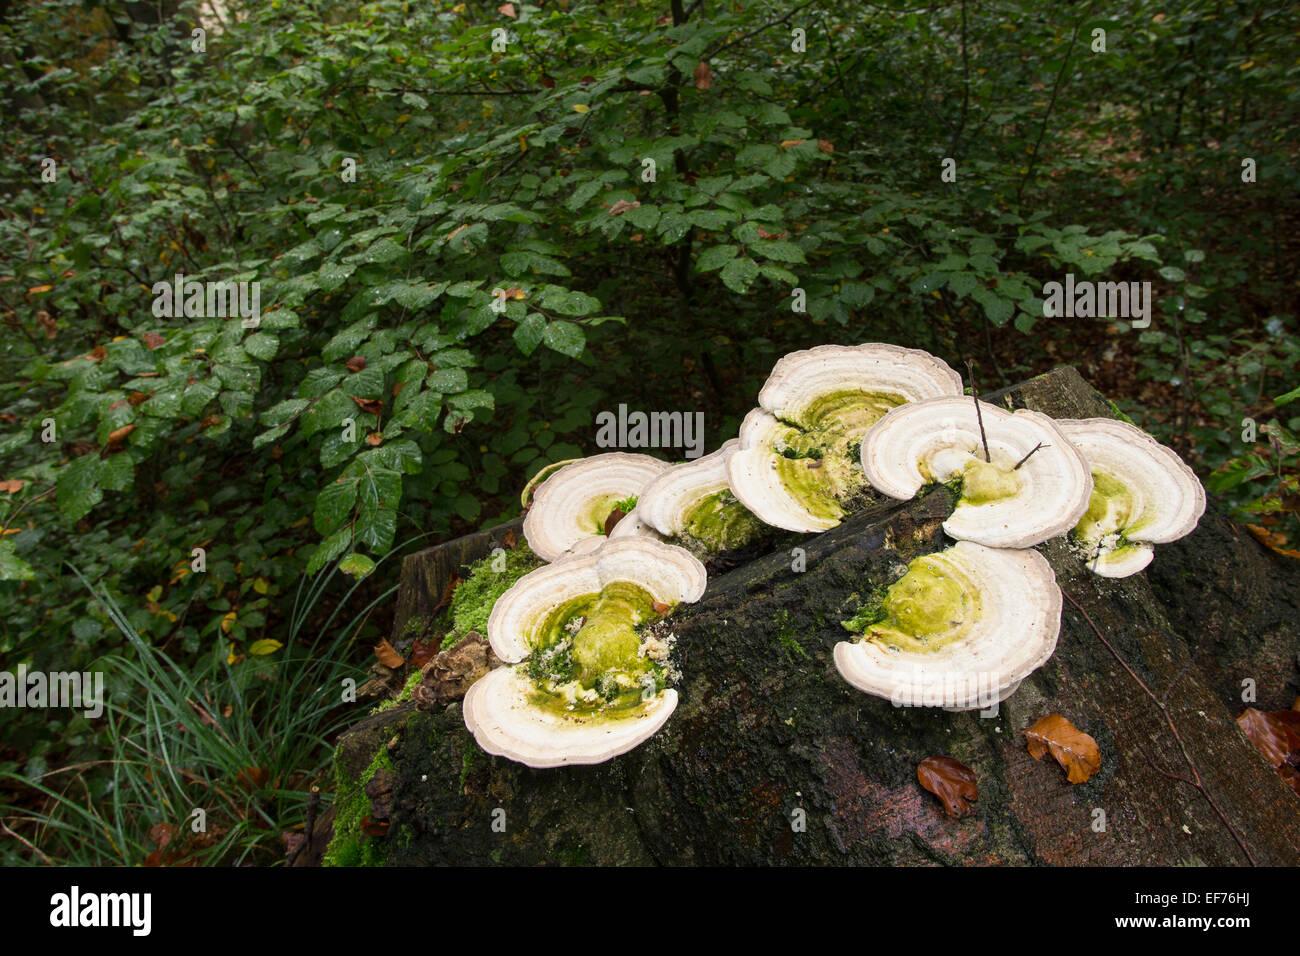 Lumpy bracket, deadwood, dead wood, Buckel-Tramete, Buckeltramete, Tramete, auf Baumstubben, Totholz, Trametes gibbosa, - Stock Image